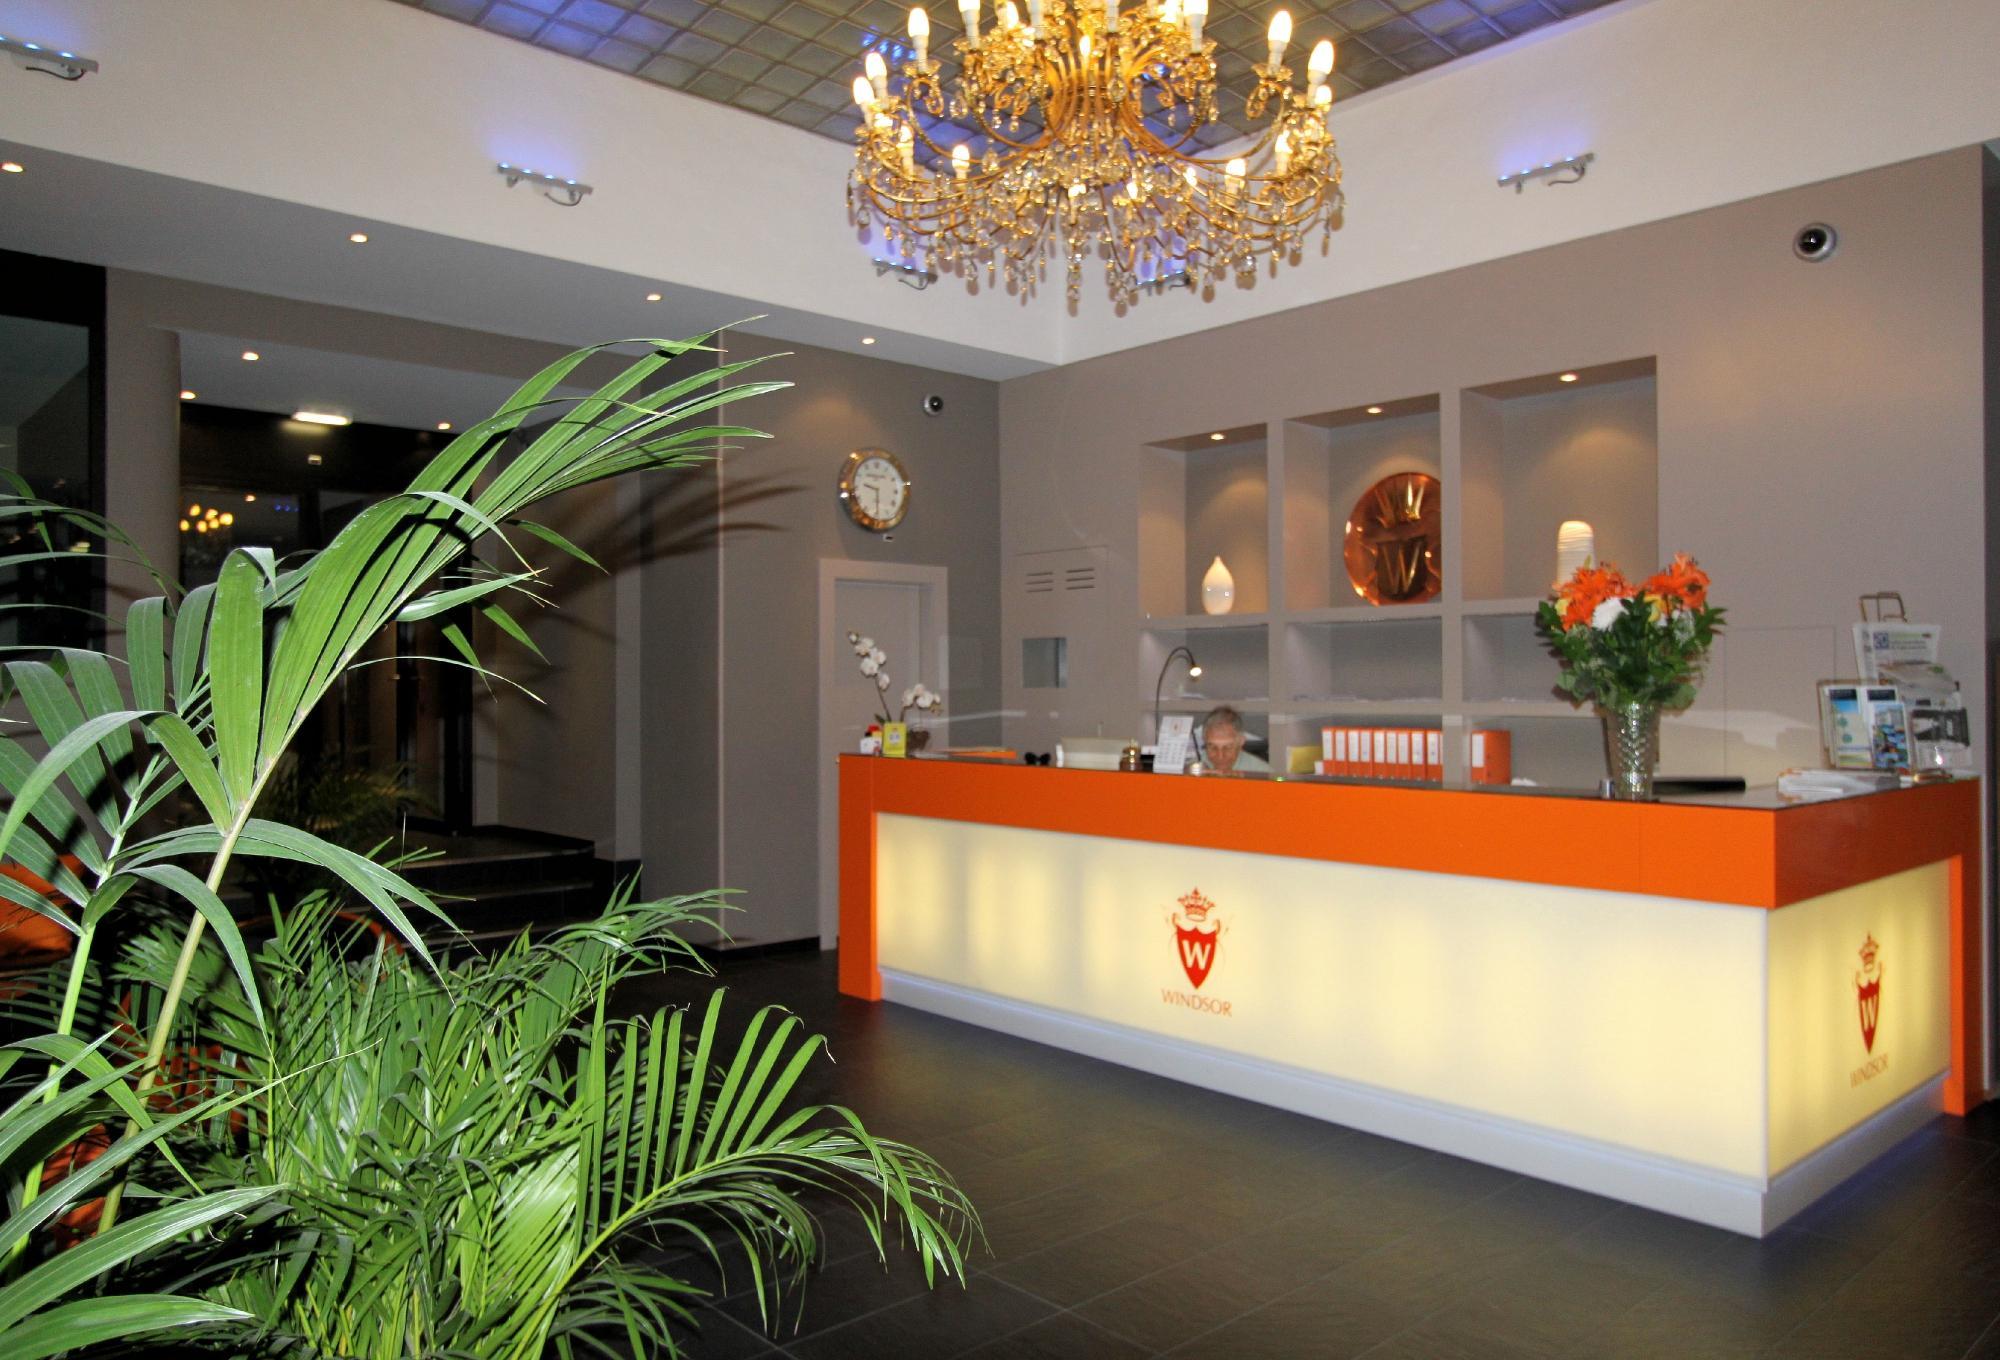 #C1410A Hotel Windsor (Genebra Suíça): 117 fotos e 15 avaliações  2000x1360 px Banheiro Windsor 1593